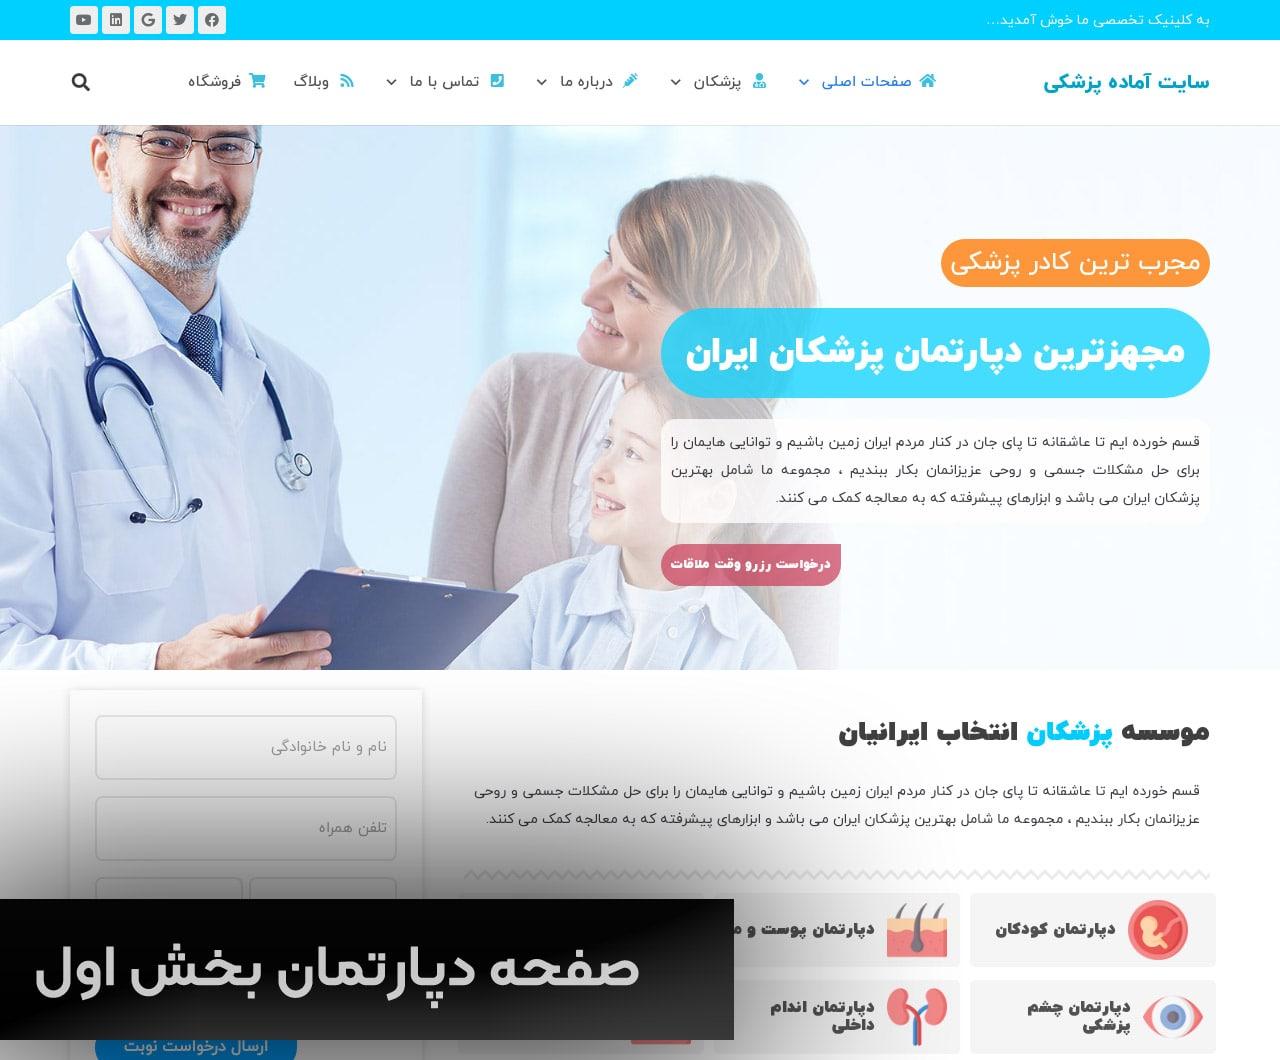 صفحه اصلی دپارتمان پزشکی